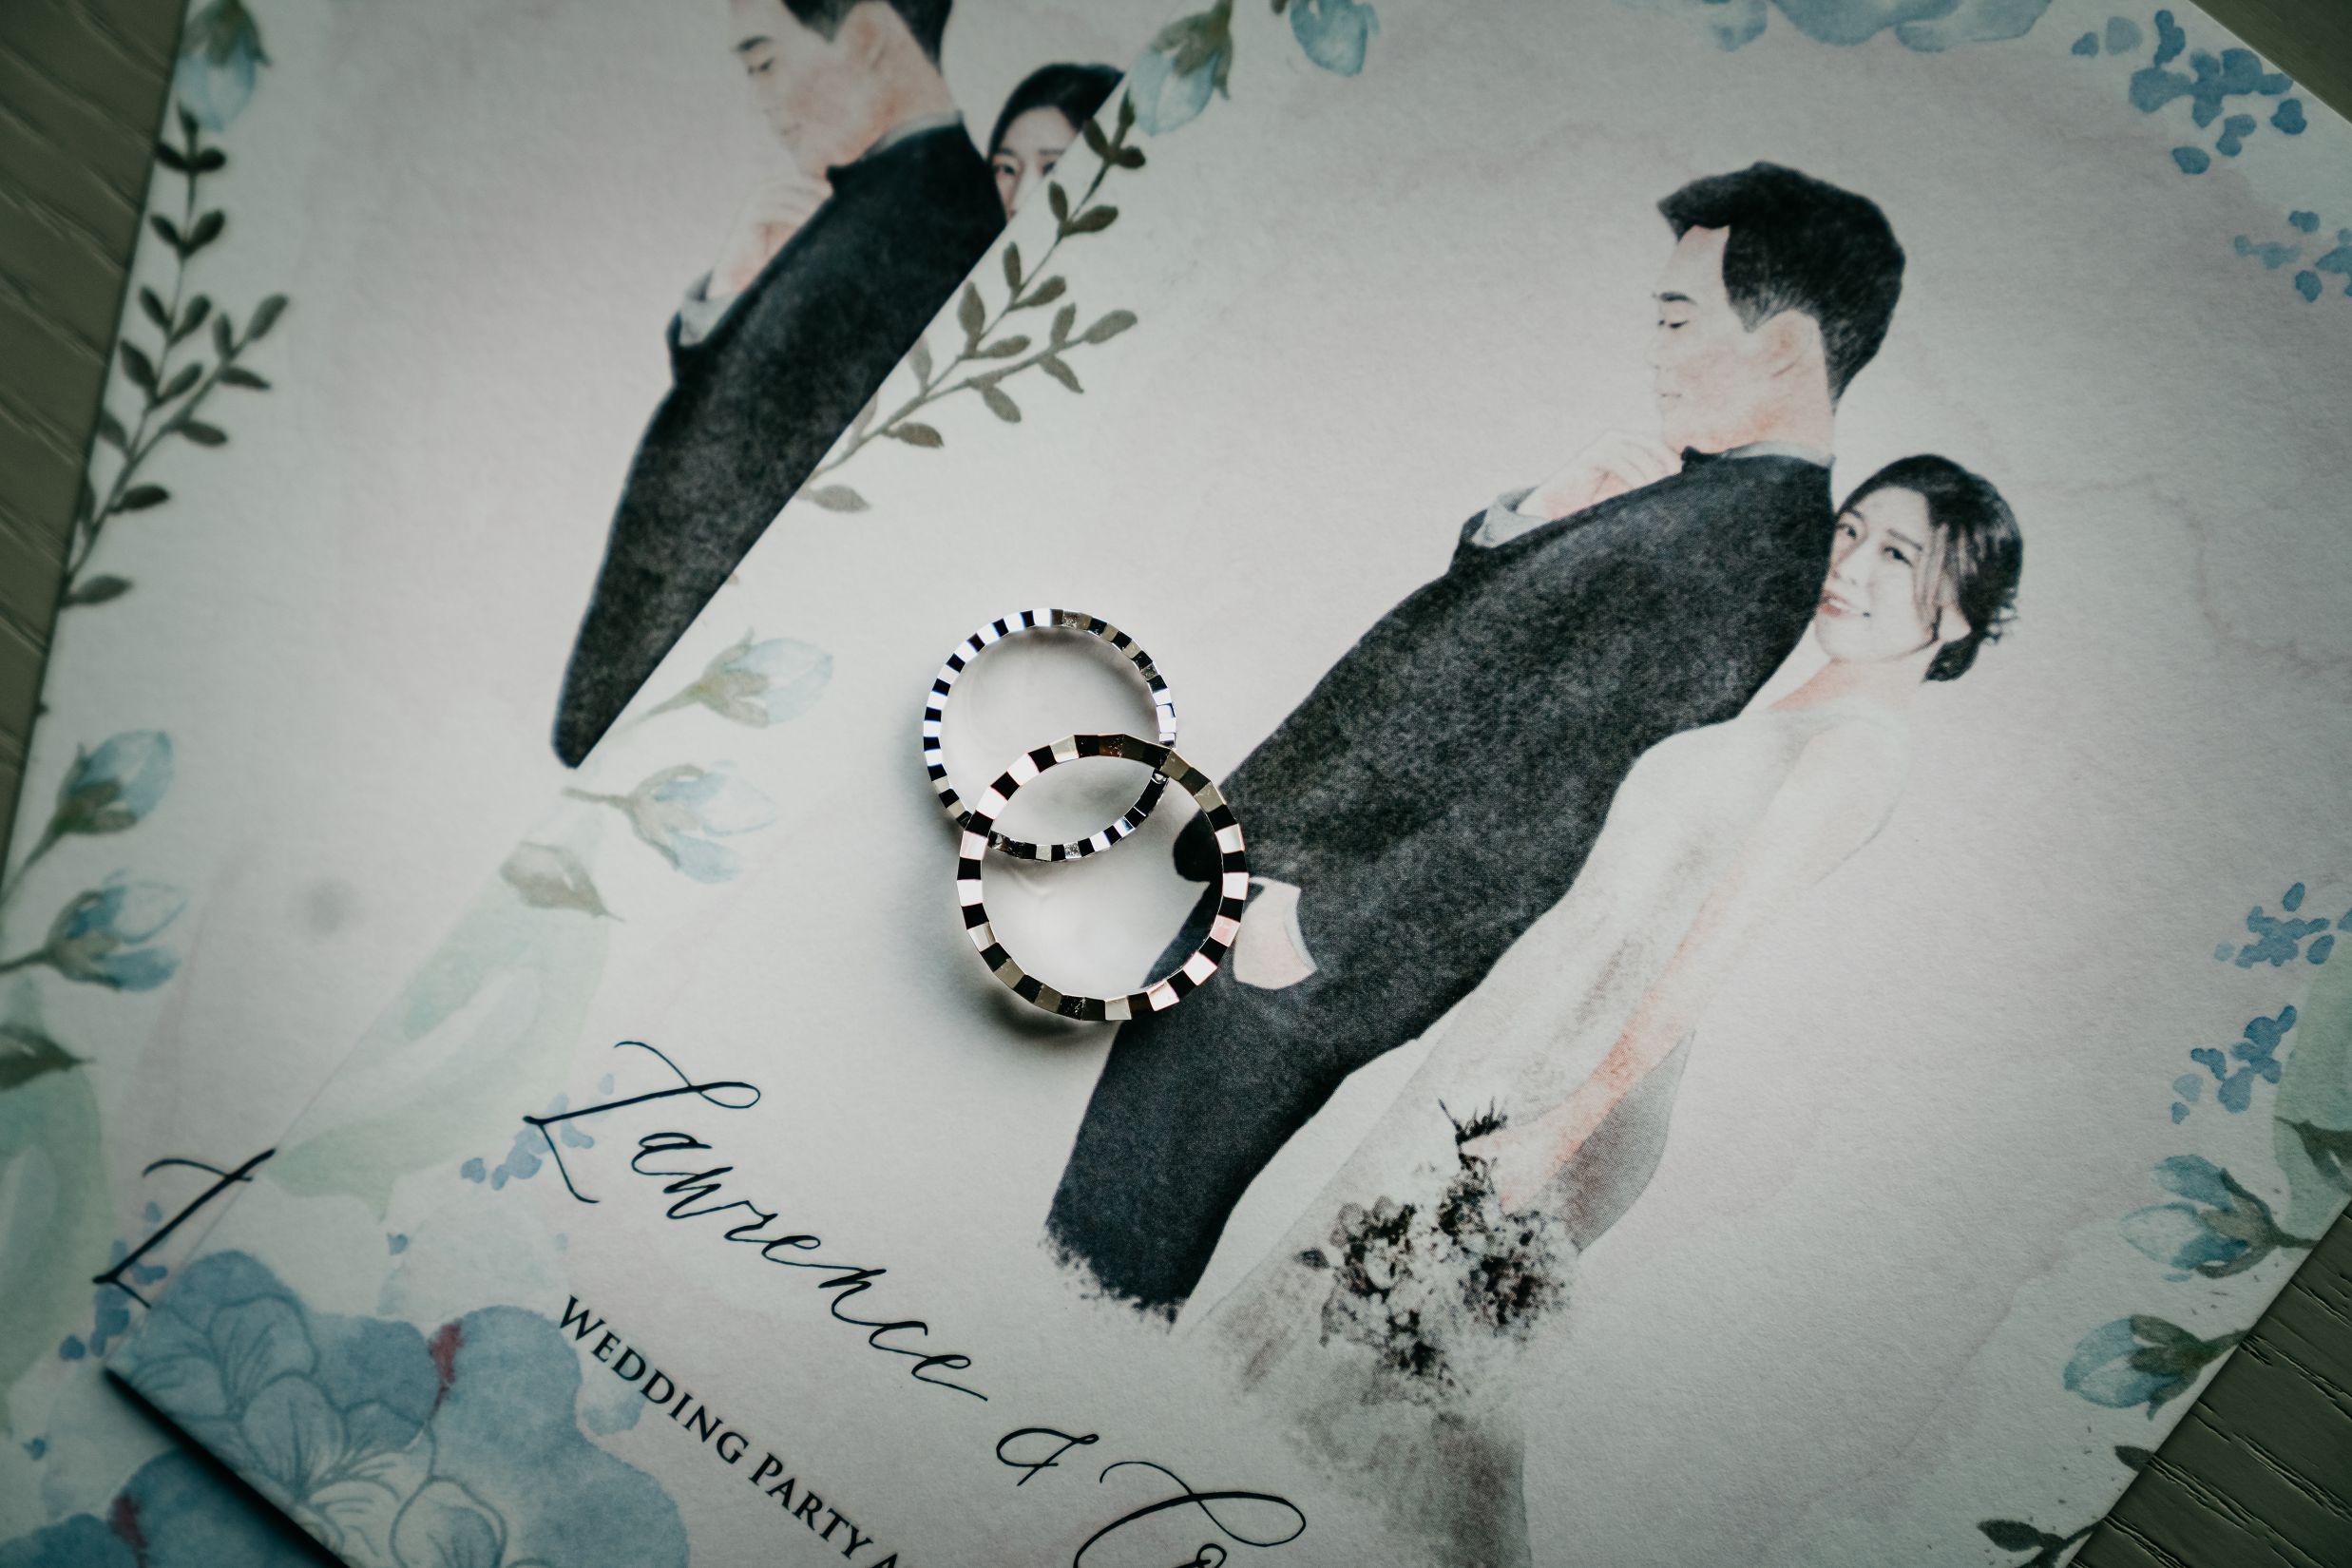 婚禮紀錄,婚攝,婚禮攝影,婚錄,白日夢工廠,動態錄影,婚禮現場,儀式,雙機攝影,類婚紗,寒舍艾麗,風雲20,PTT推薦,新娘物語推薦,